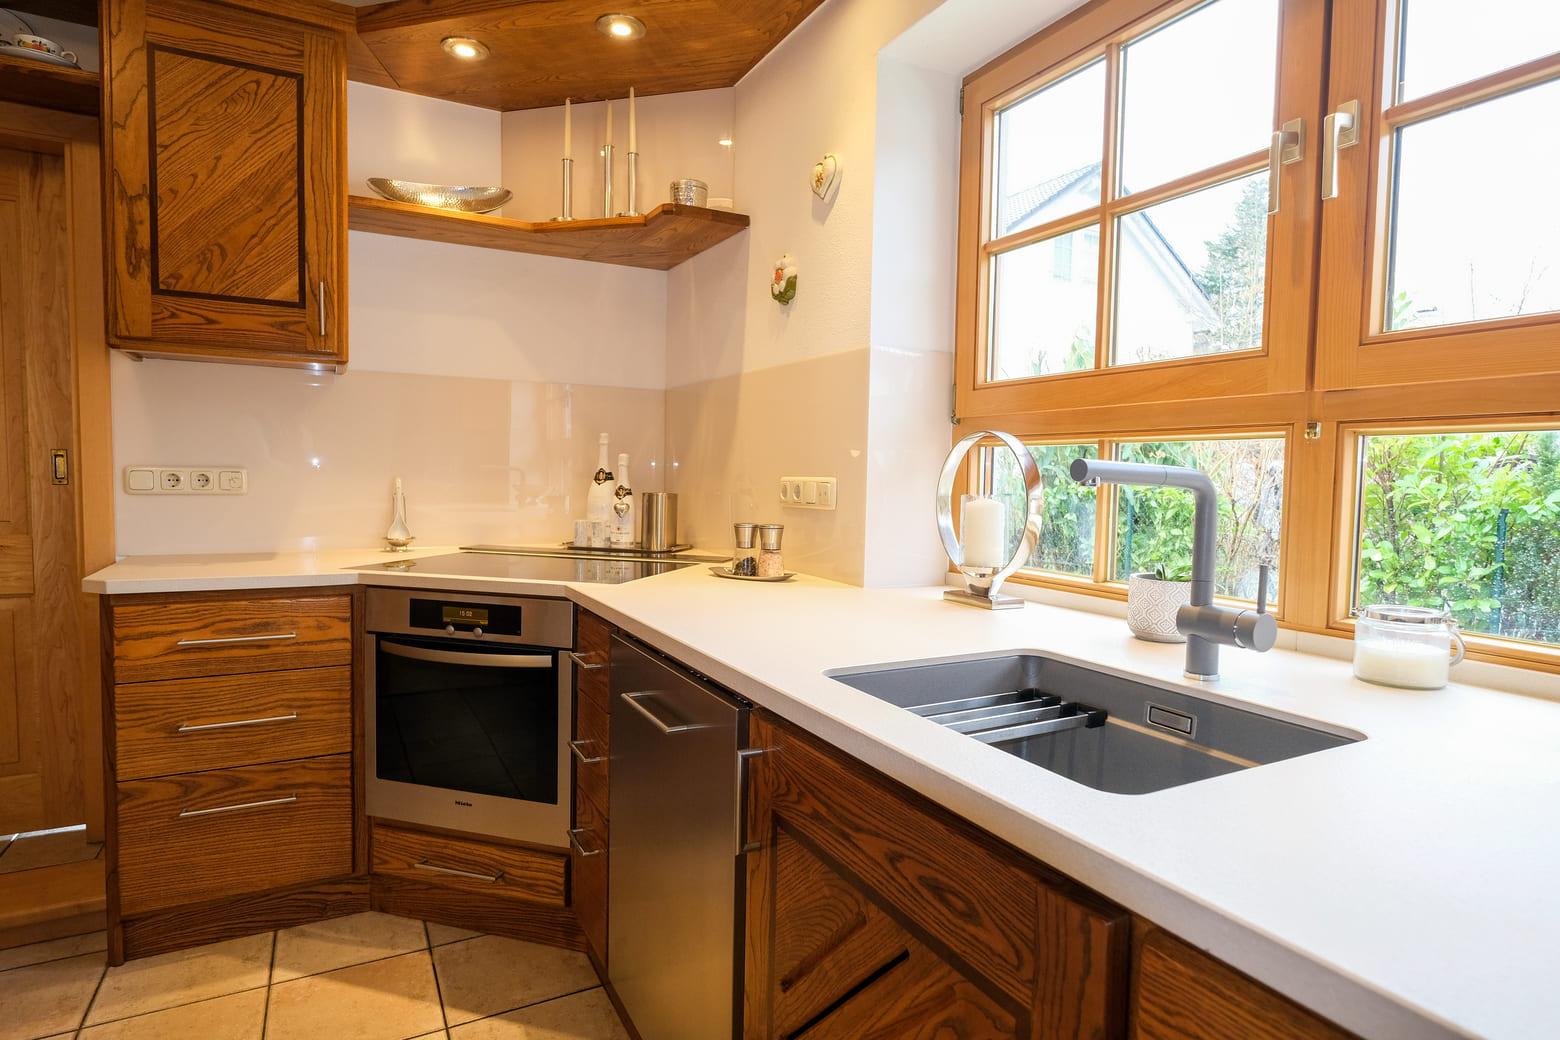 Küchentrends 2020: Helle Arbeitsplatte